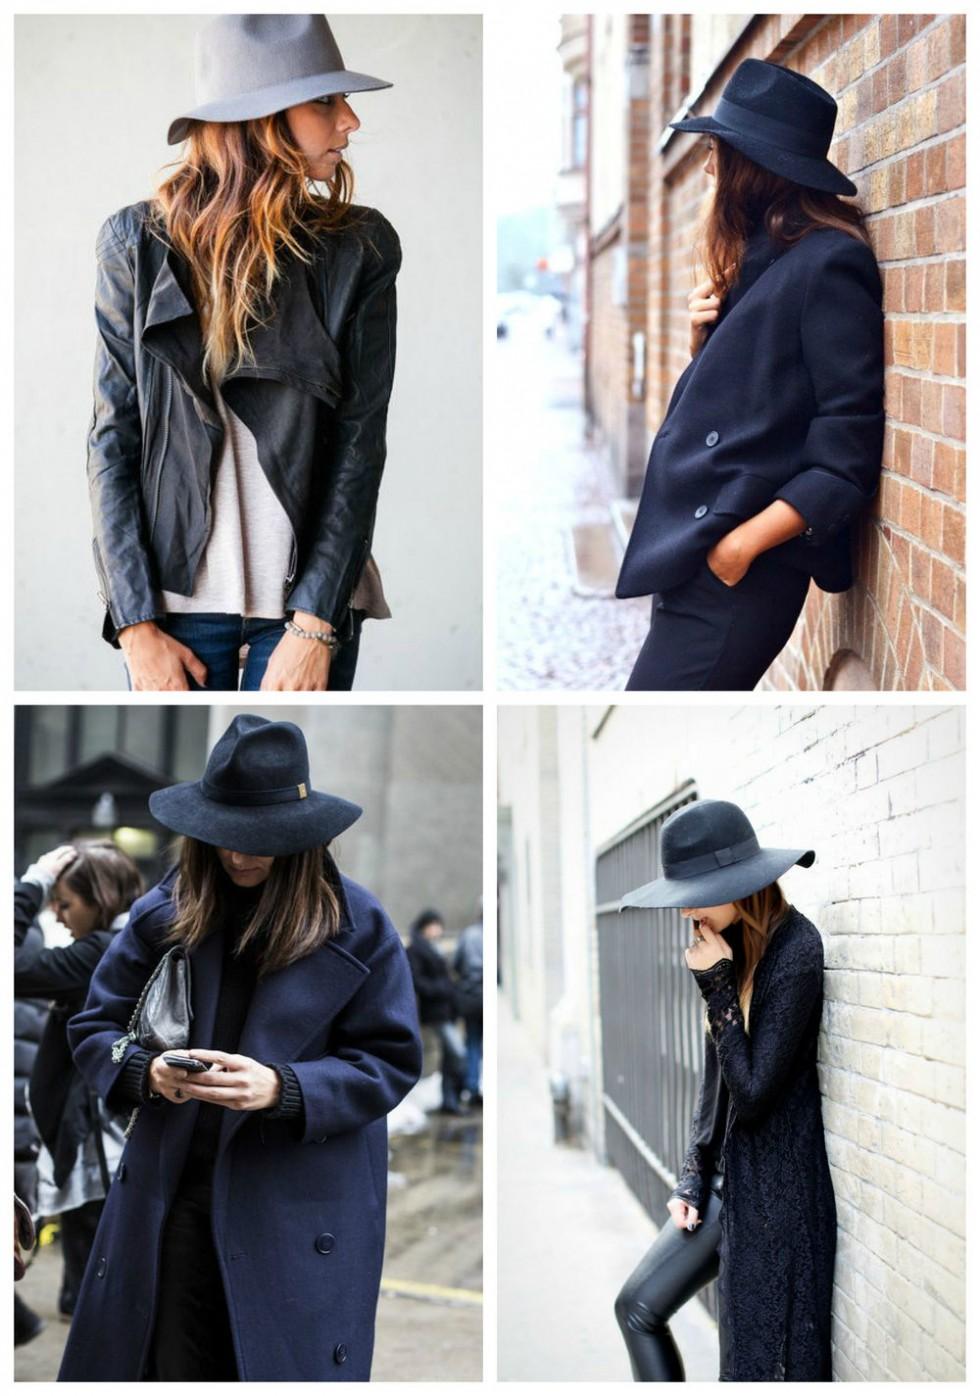 hatt1 (1)